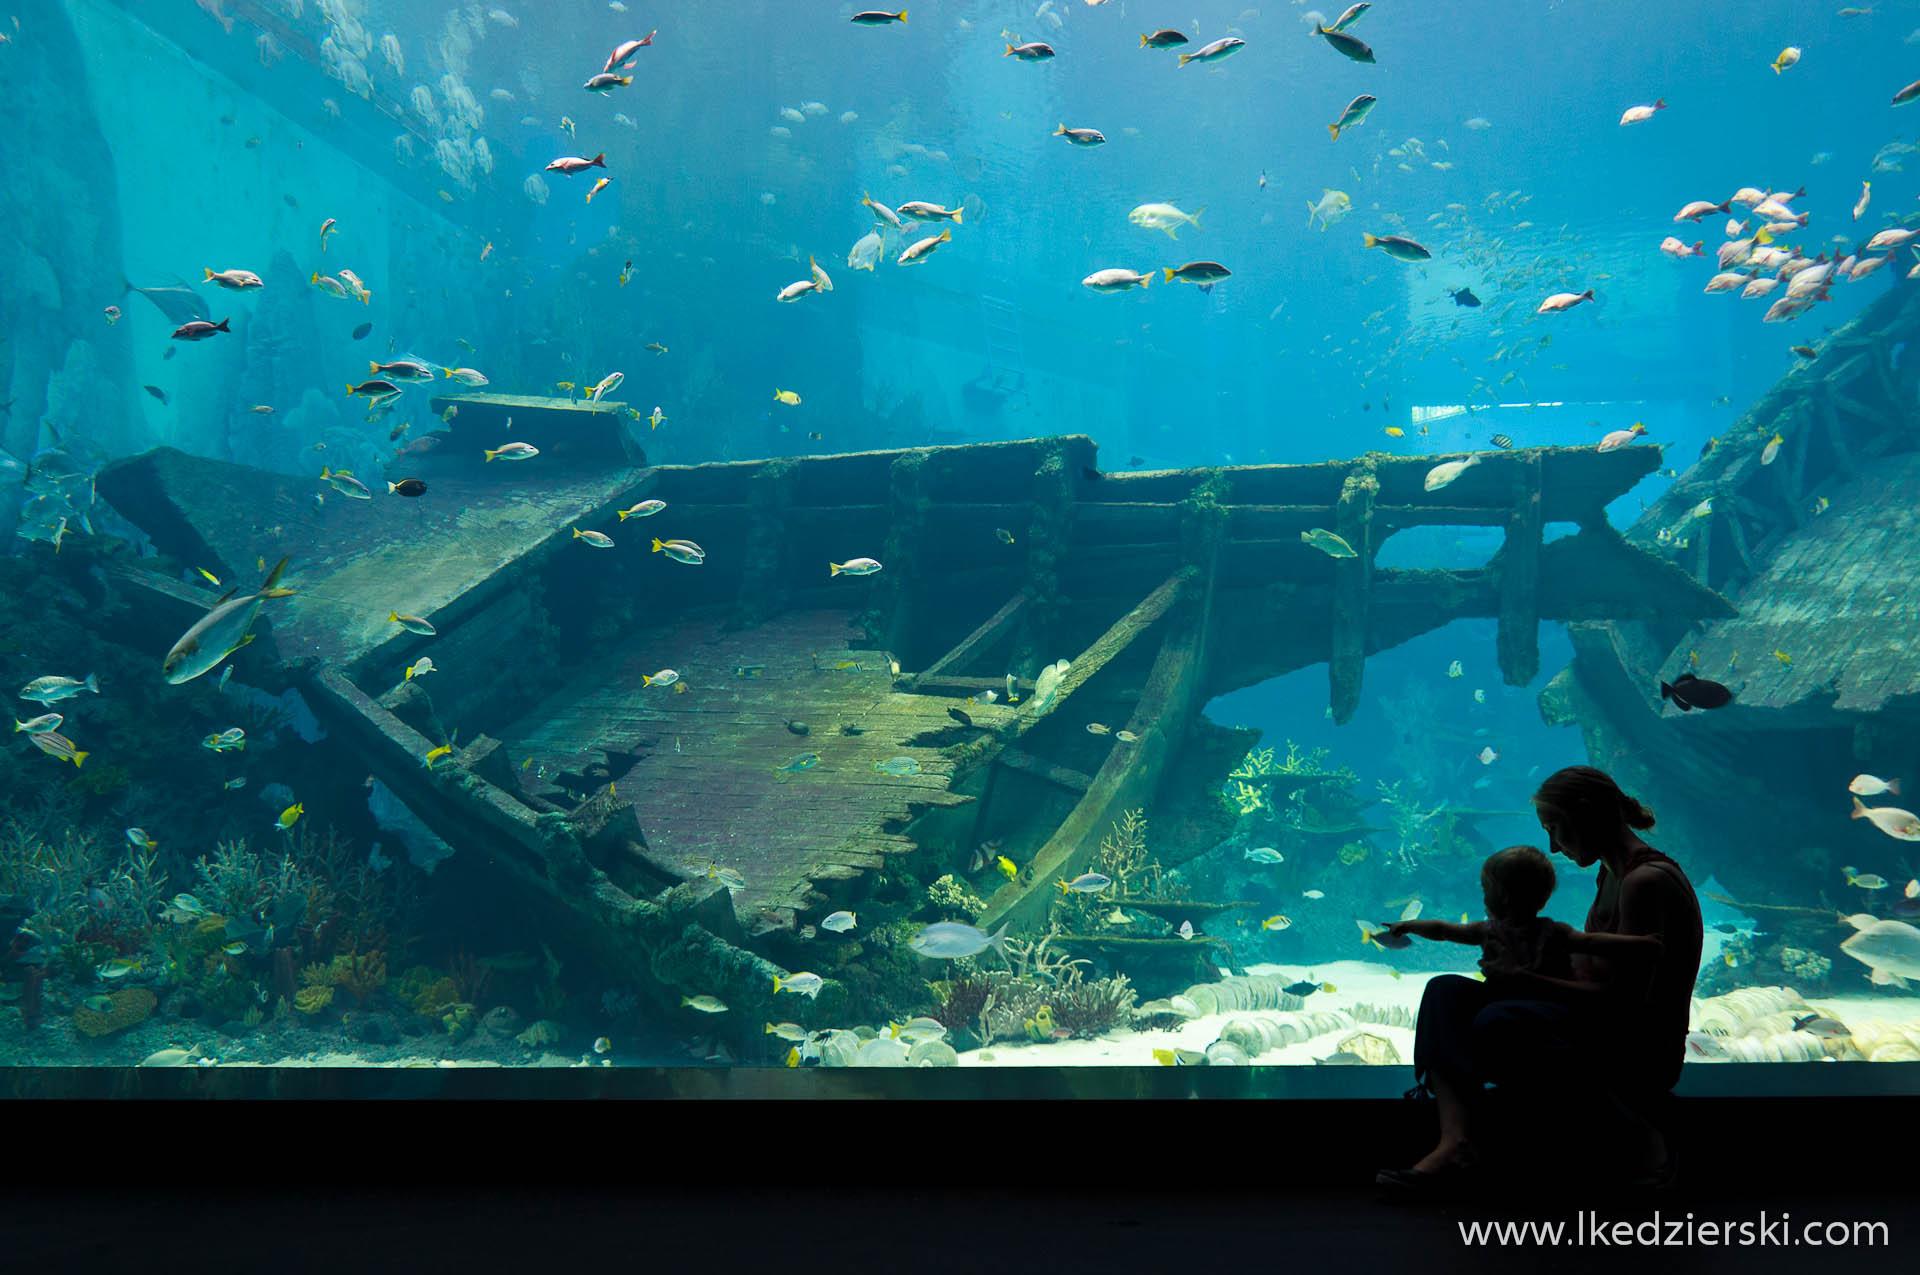 akwarium w singapurze nadia w podróży